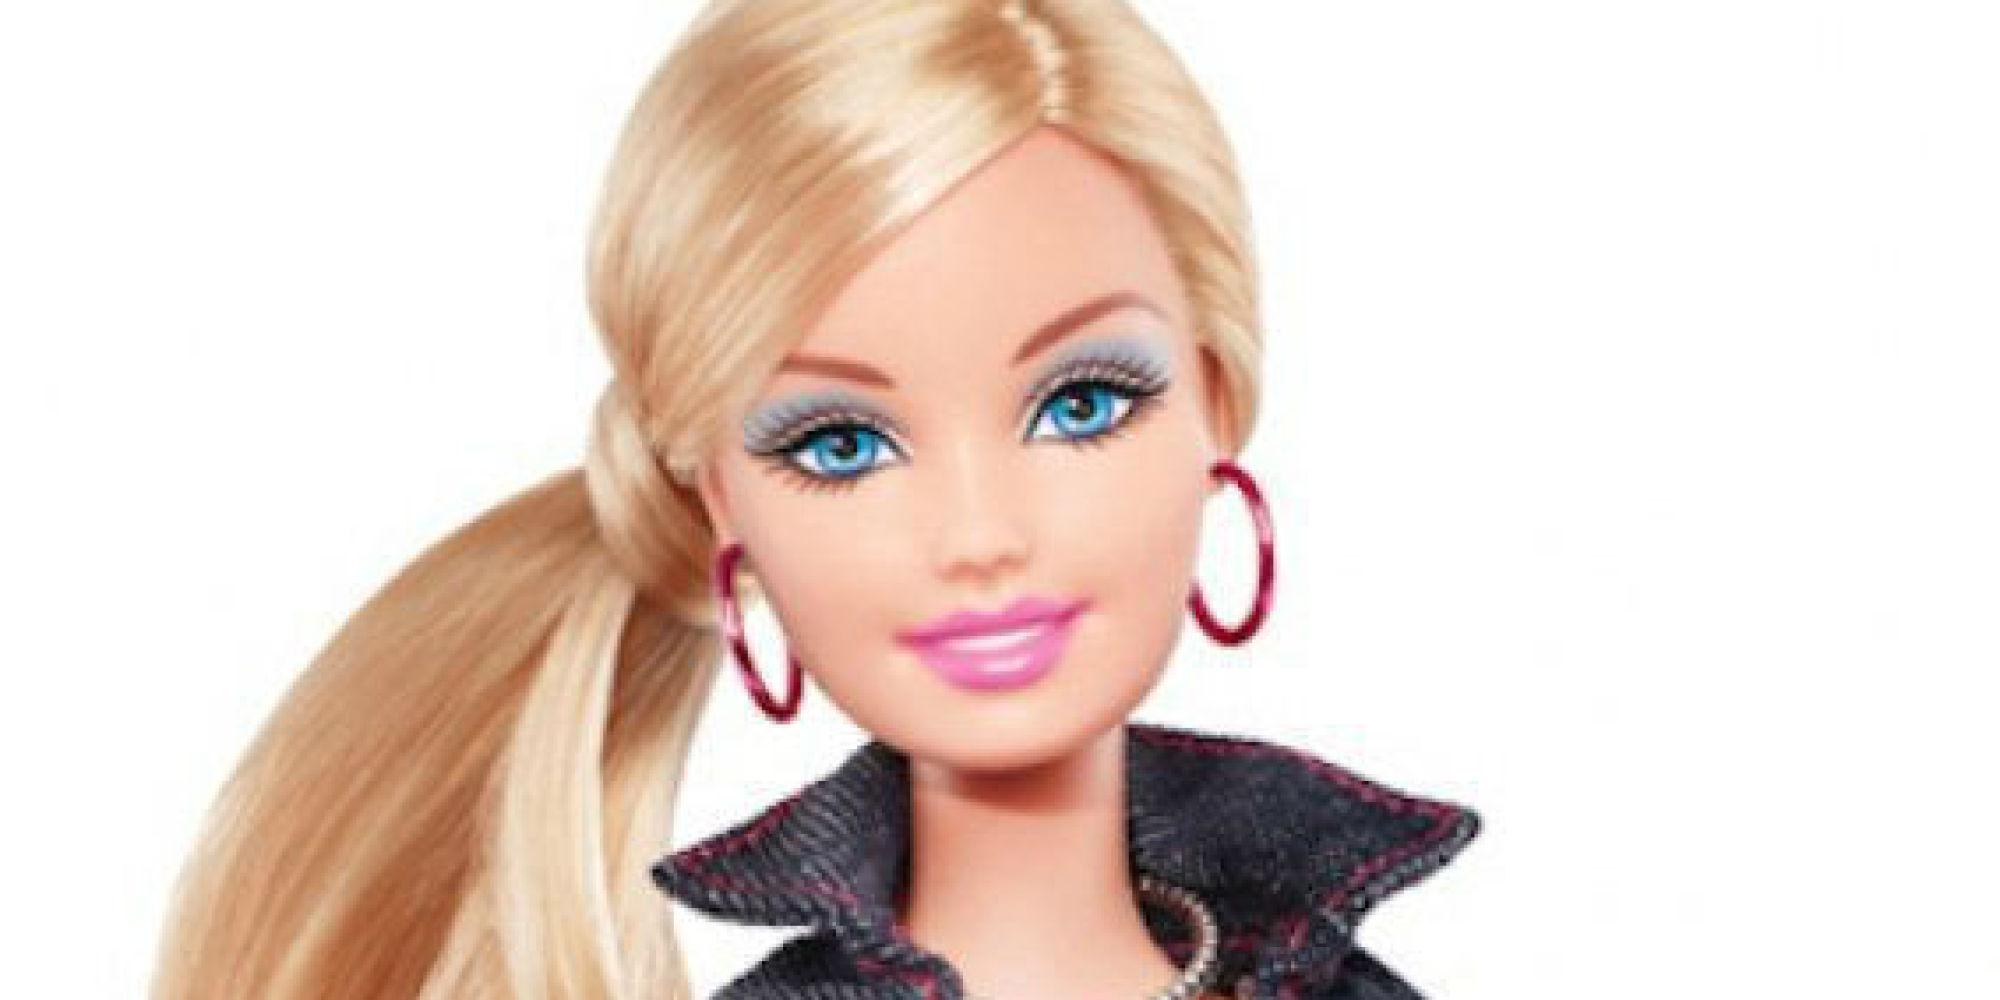 Пошаговое фото макияжа барби